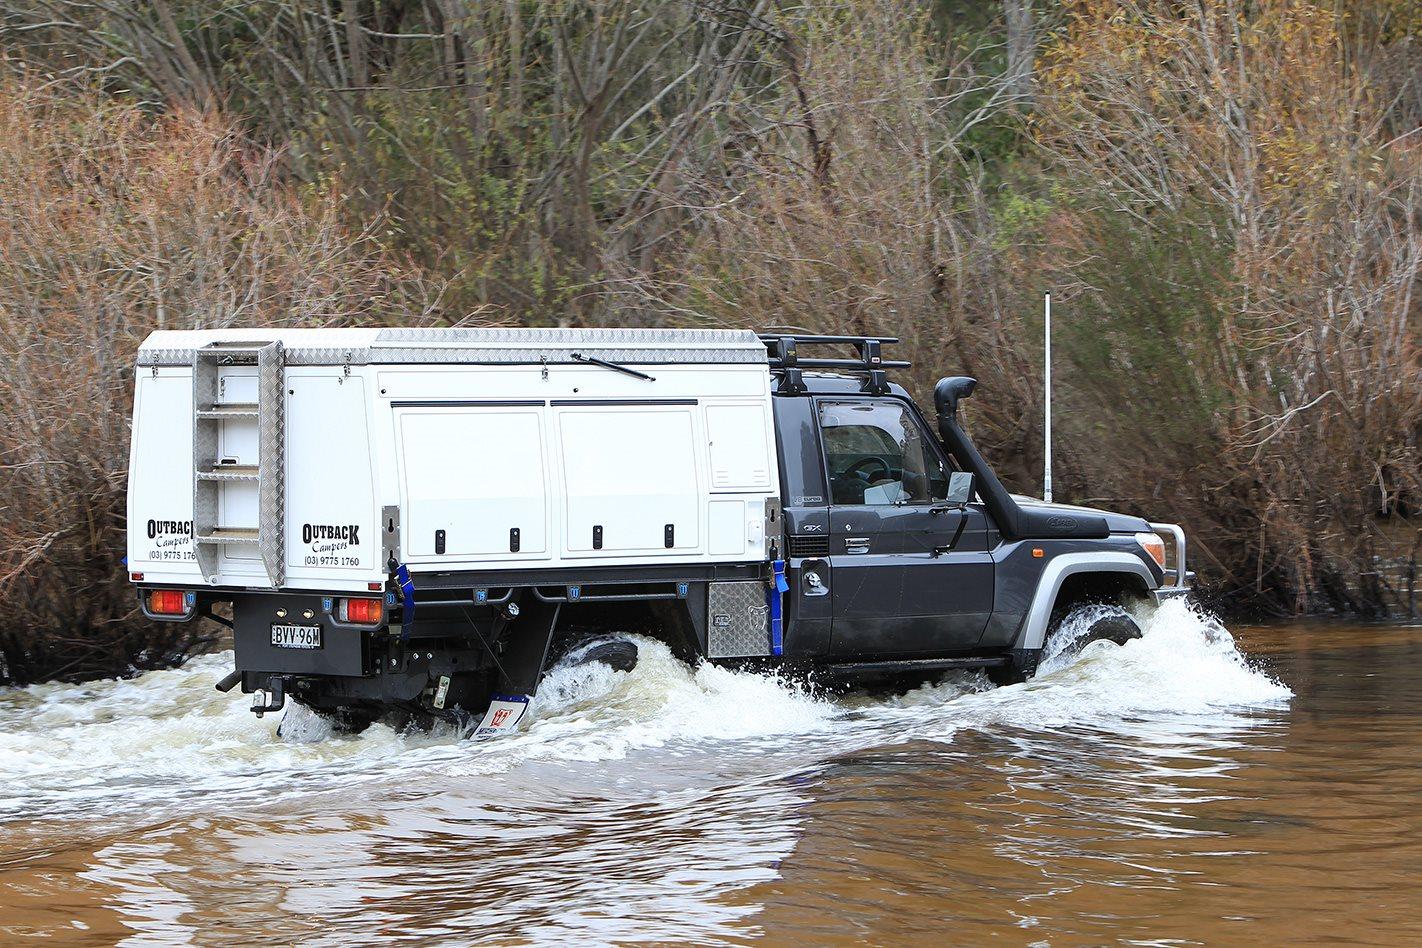 2011 Toyota 79 Series Land Cruiser GX custom water